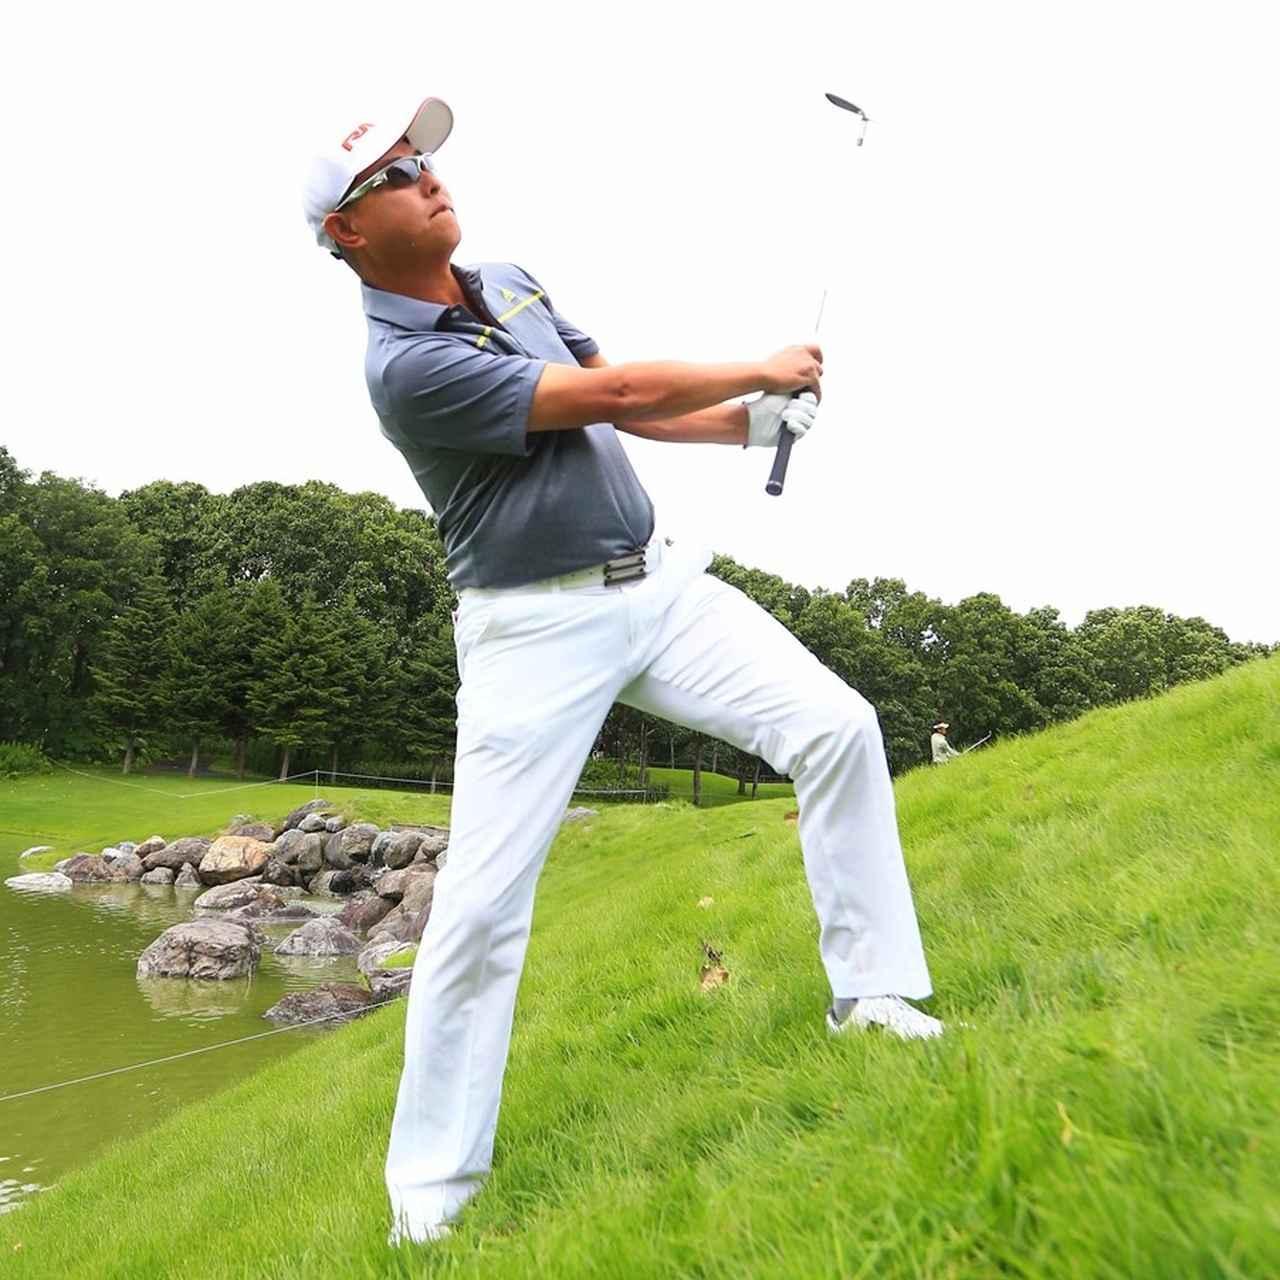 画像3: 芝の抵抗に負けないようにグリップをしっかり握る。傾斜なりでは高さがでないので、開いたフェースをアッパーに。ピンの真上からボールを落とすイメージ